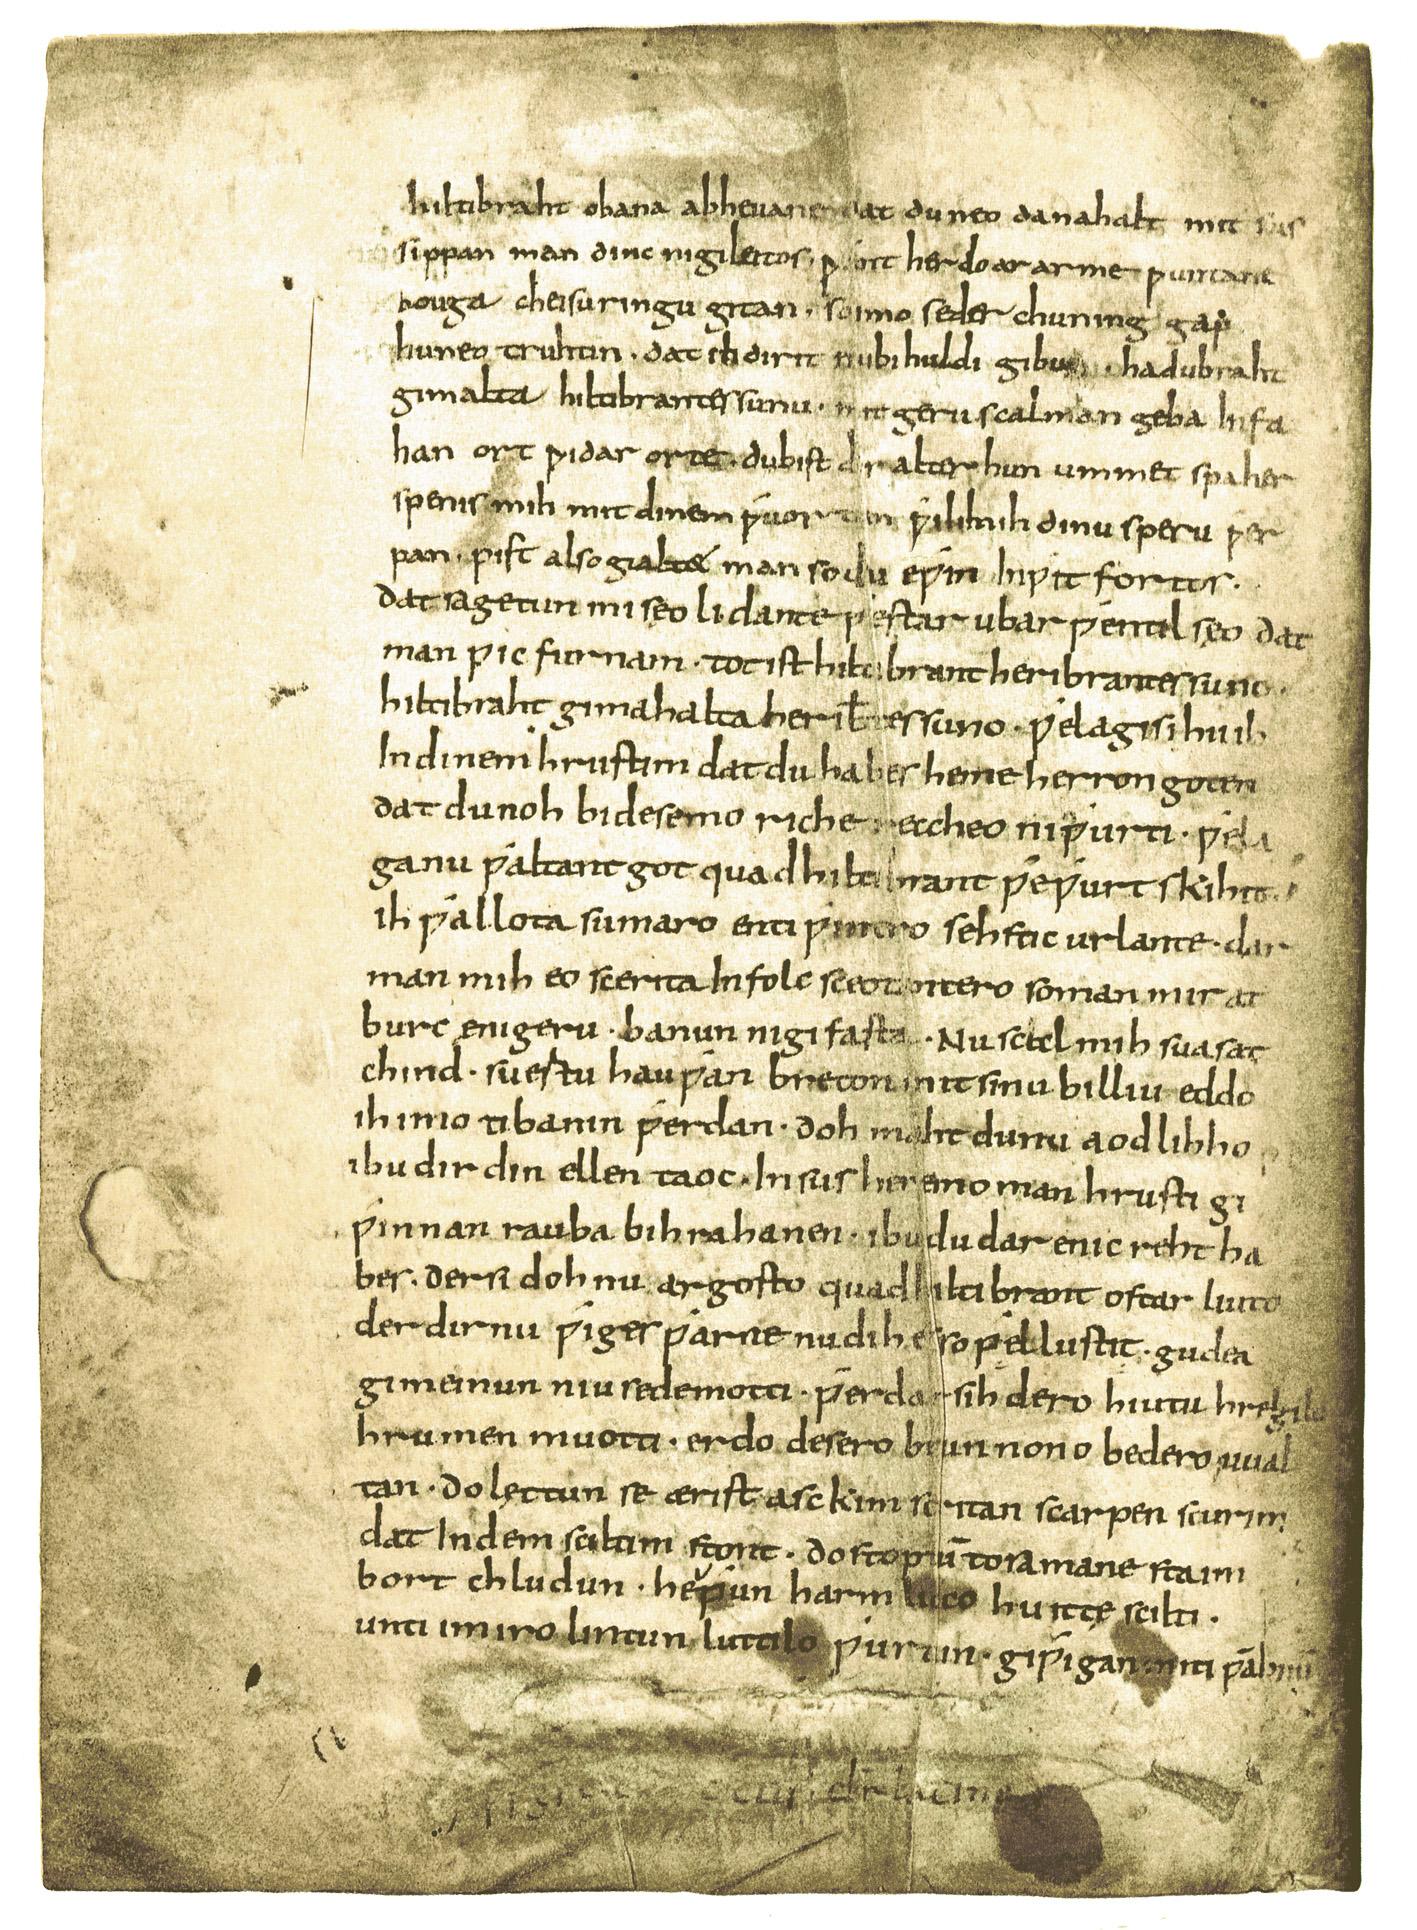 hiltibrant - fragmente mittelalterlicher handschriften